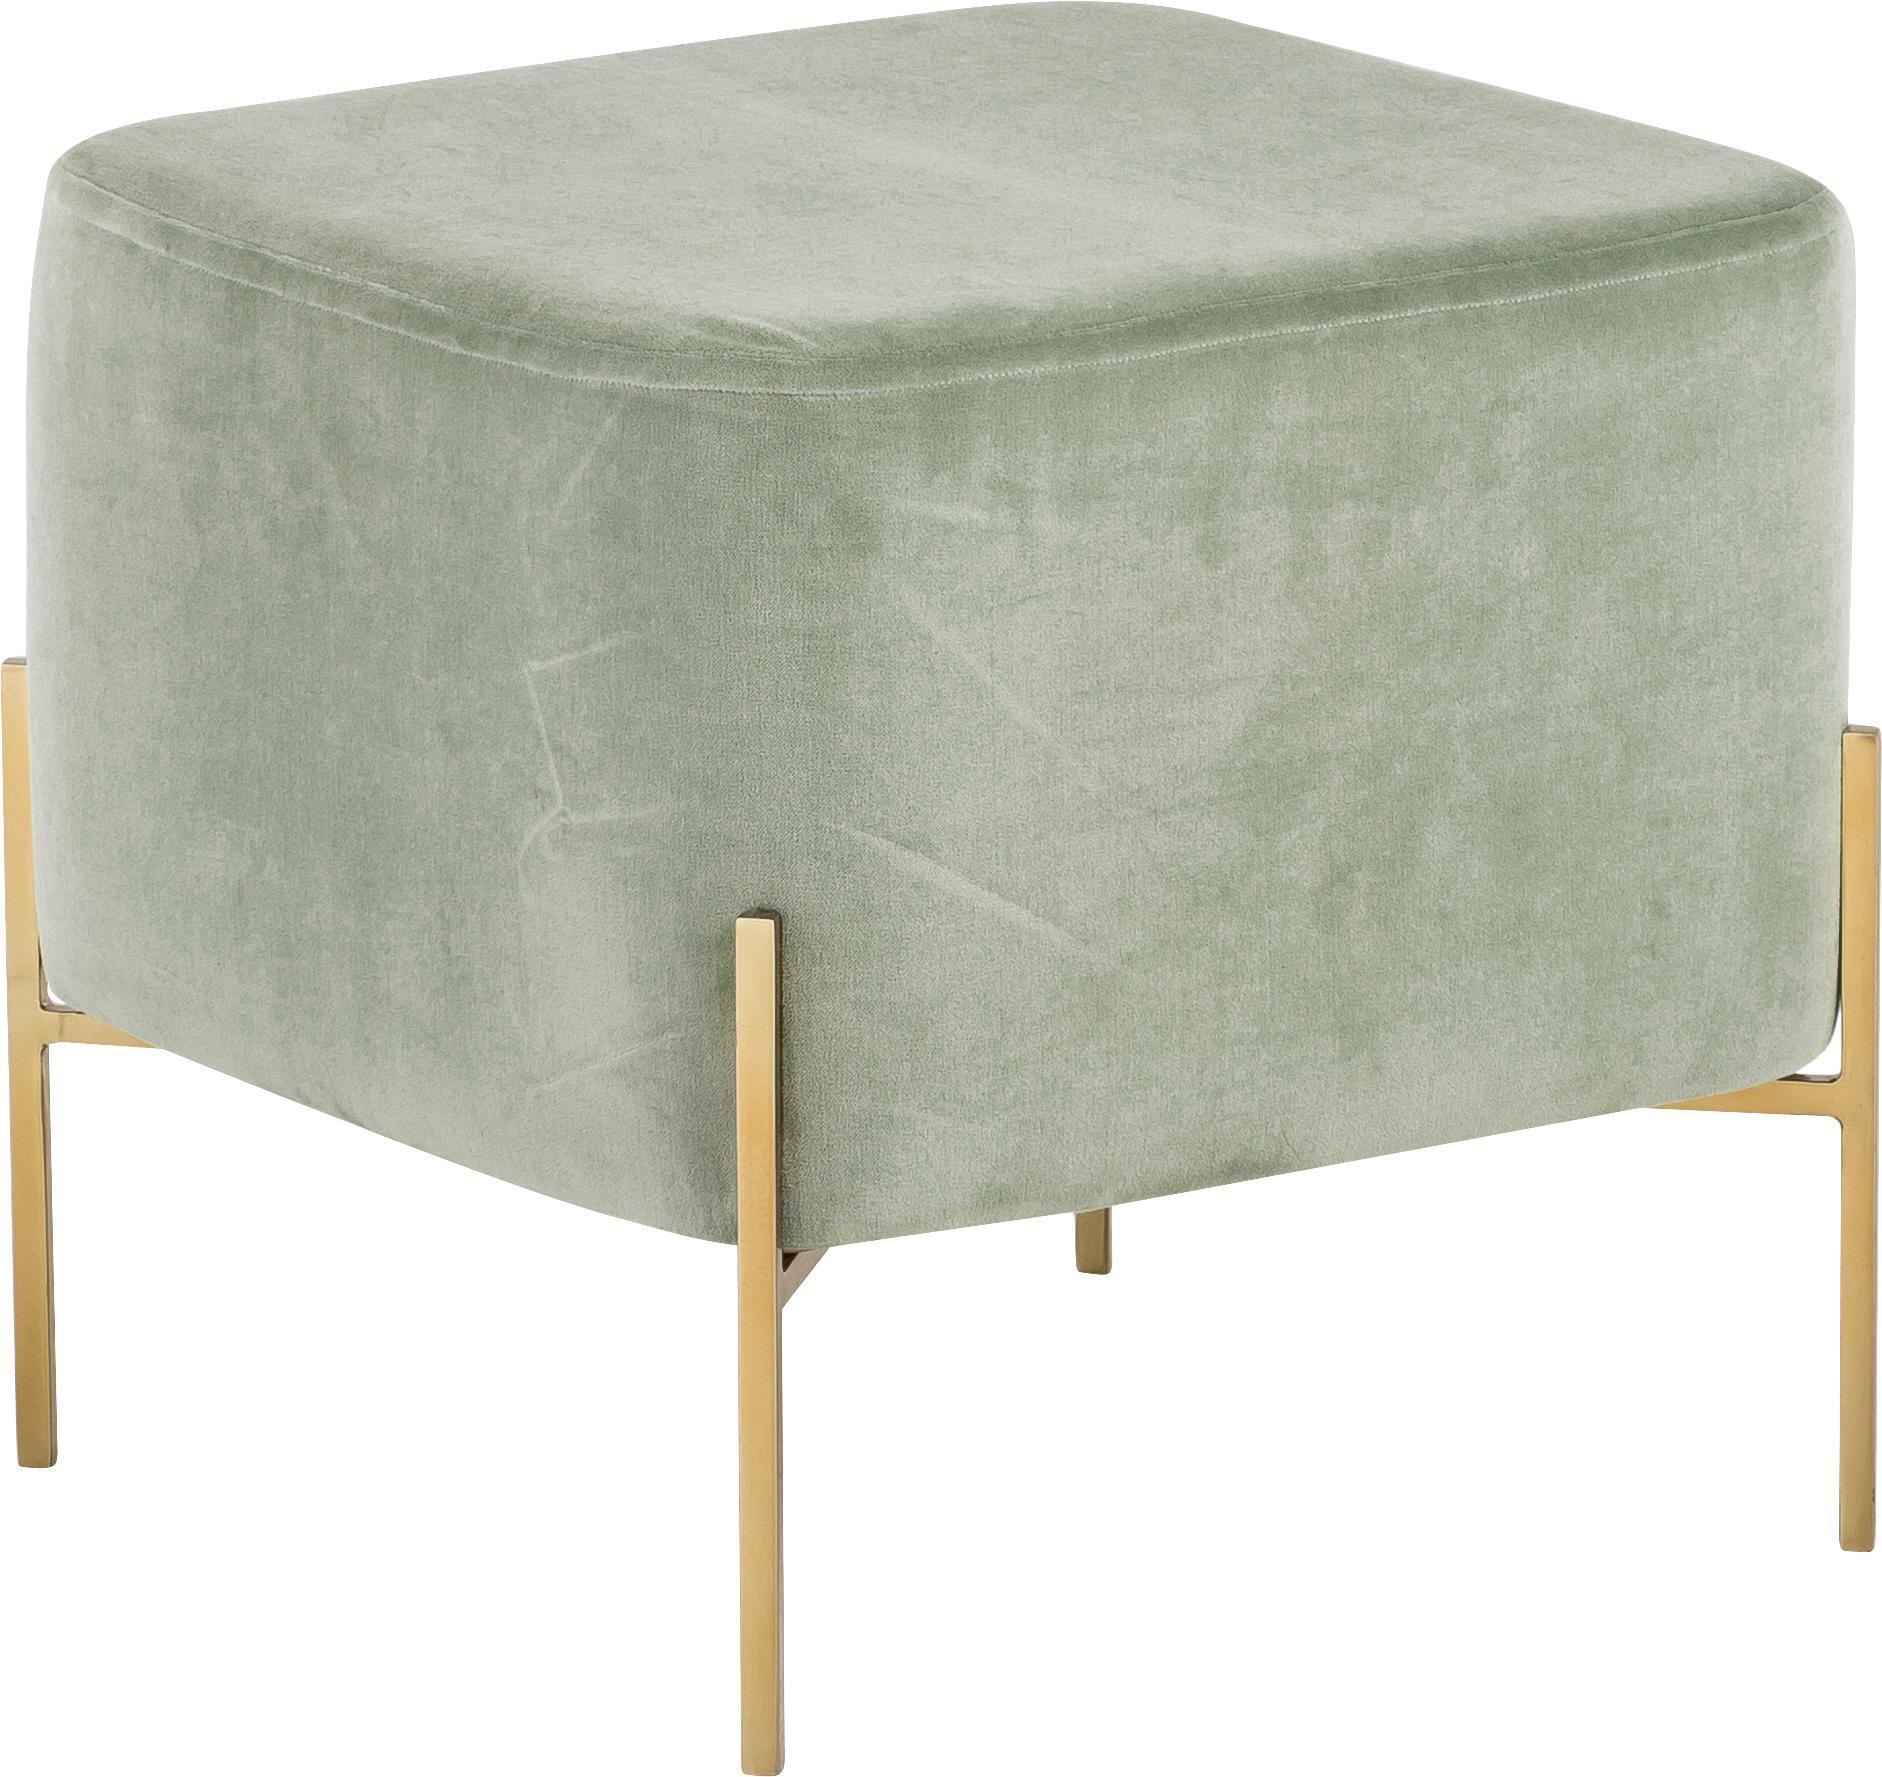 Puf z aksamitu Harper, Tapicerka: aksamit bawełniany, Szałwiowy zielony, odcienie złotego, S 46 x W 44 cm